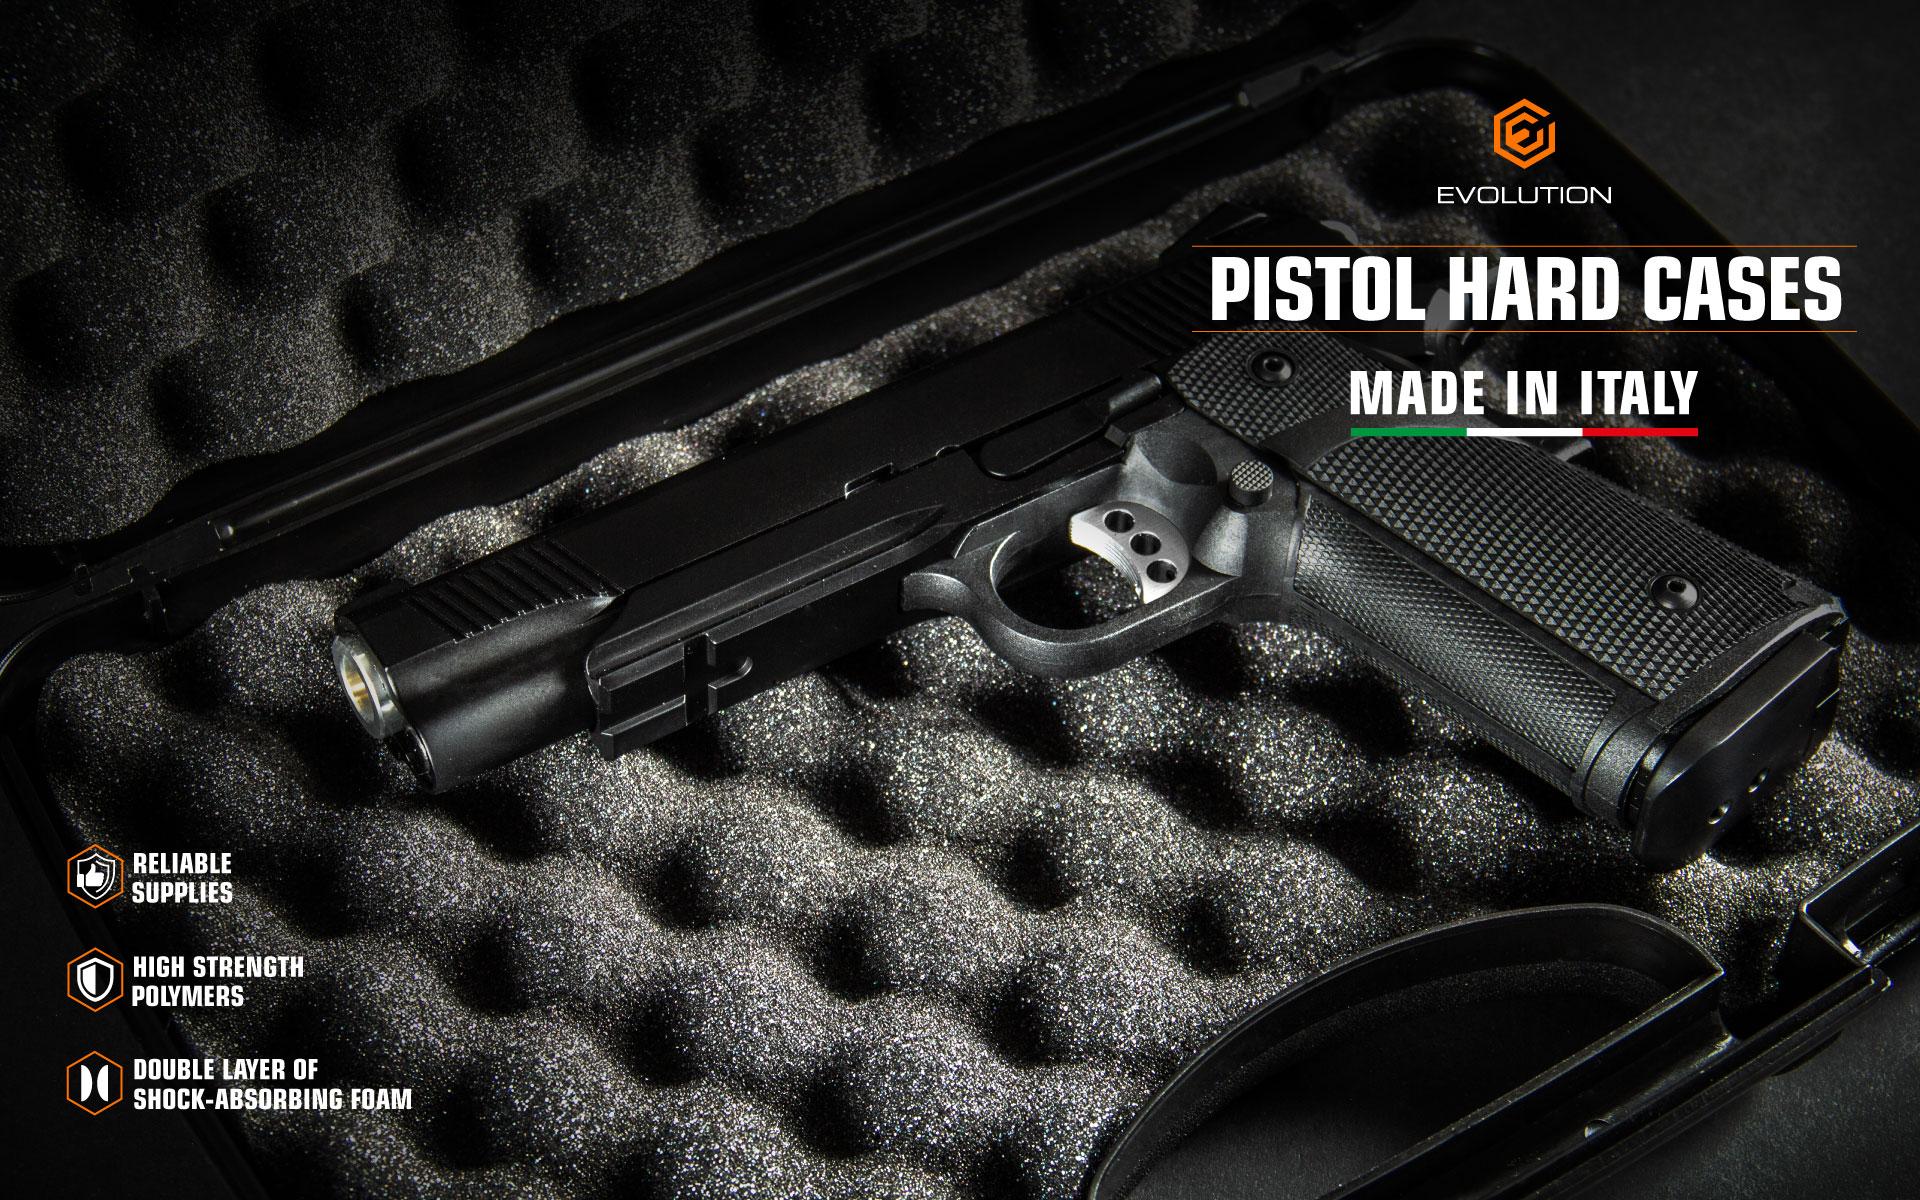 Evolution Pistol Hard Cases